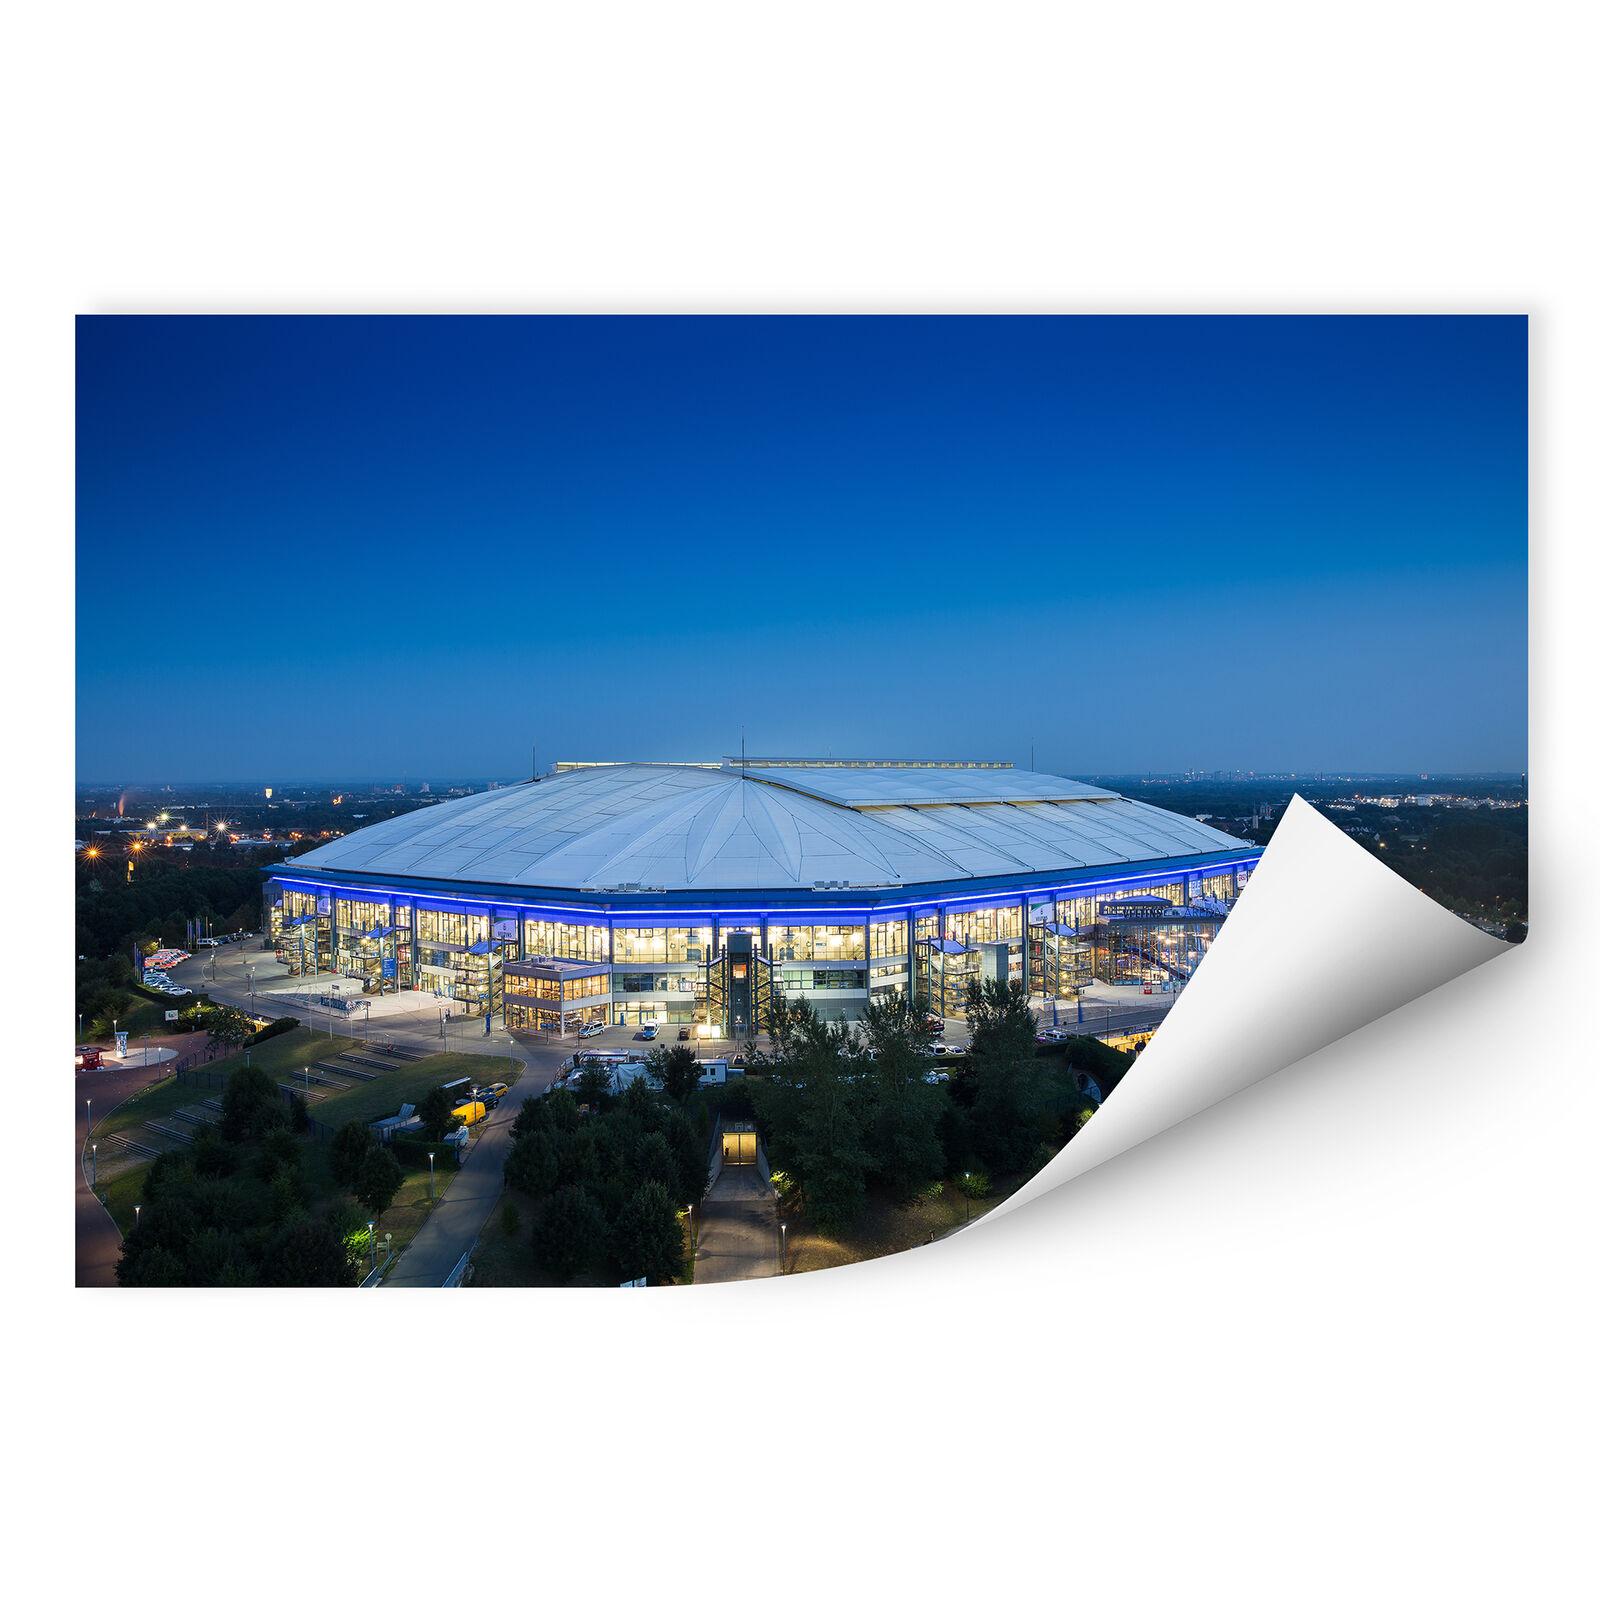 Wandbild Wallprint W - Schalke Arena 02 blau Fanartikel Fanshop Fanshop Fanshop Wanddeko Deko 253014